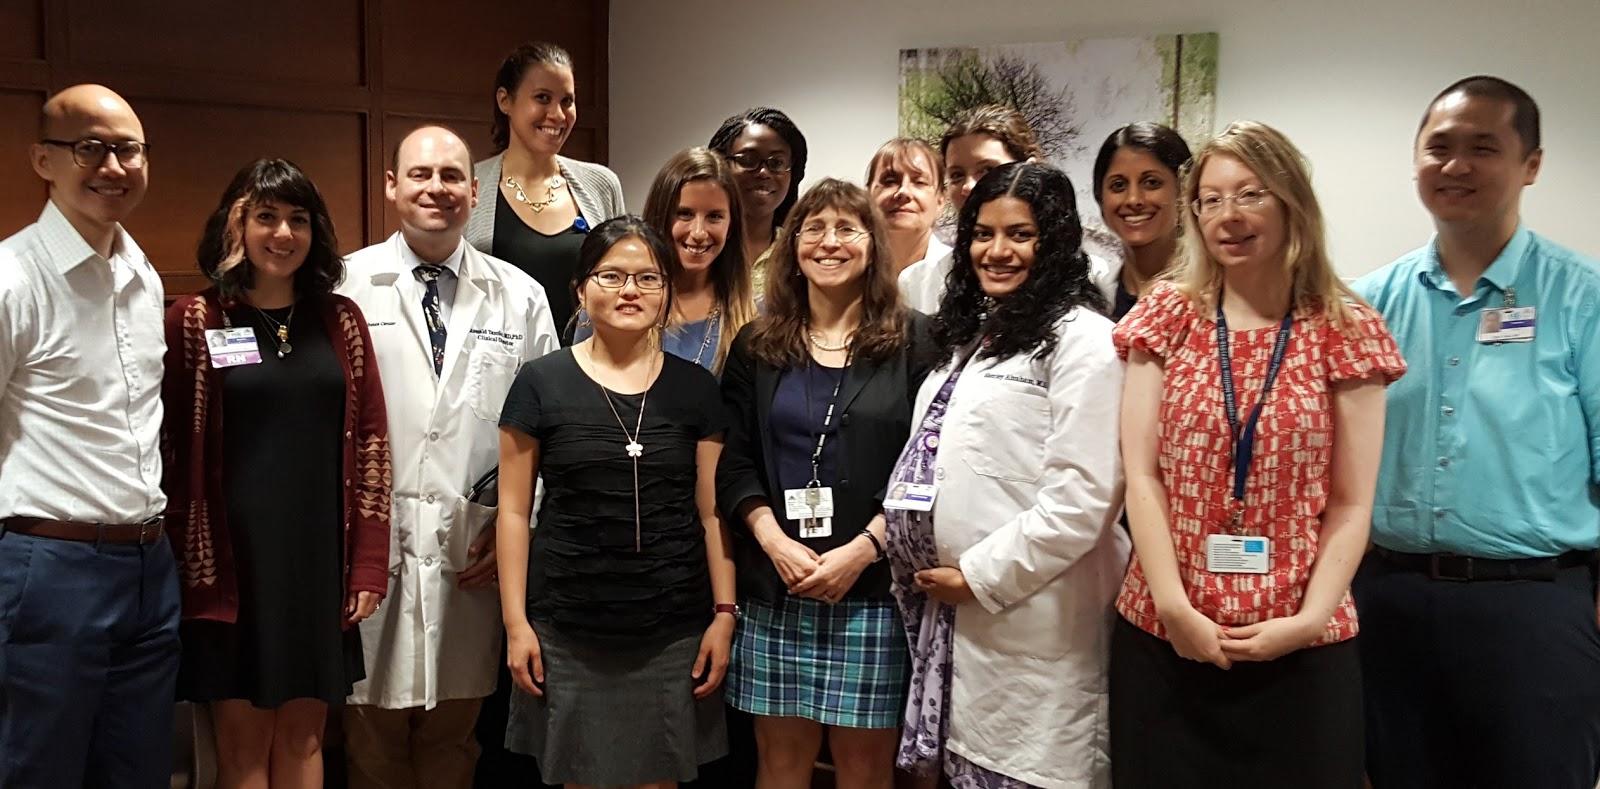 Mount Sinai Diabetes News: The Mount Sinai Diabetes Center